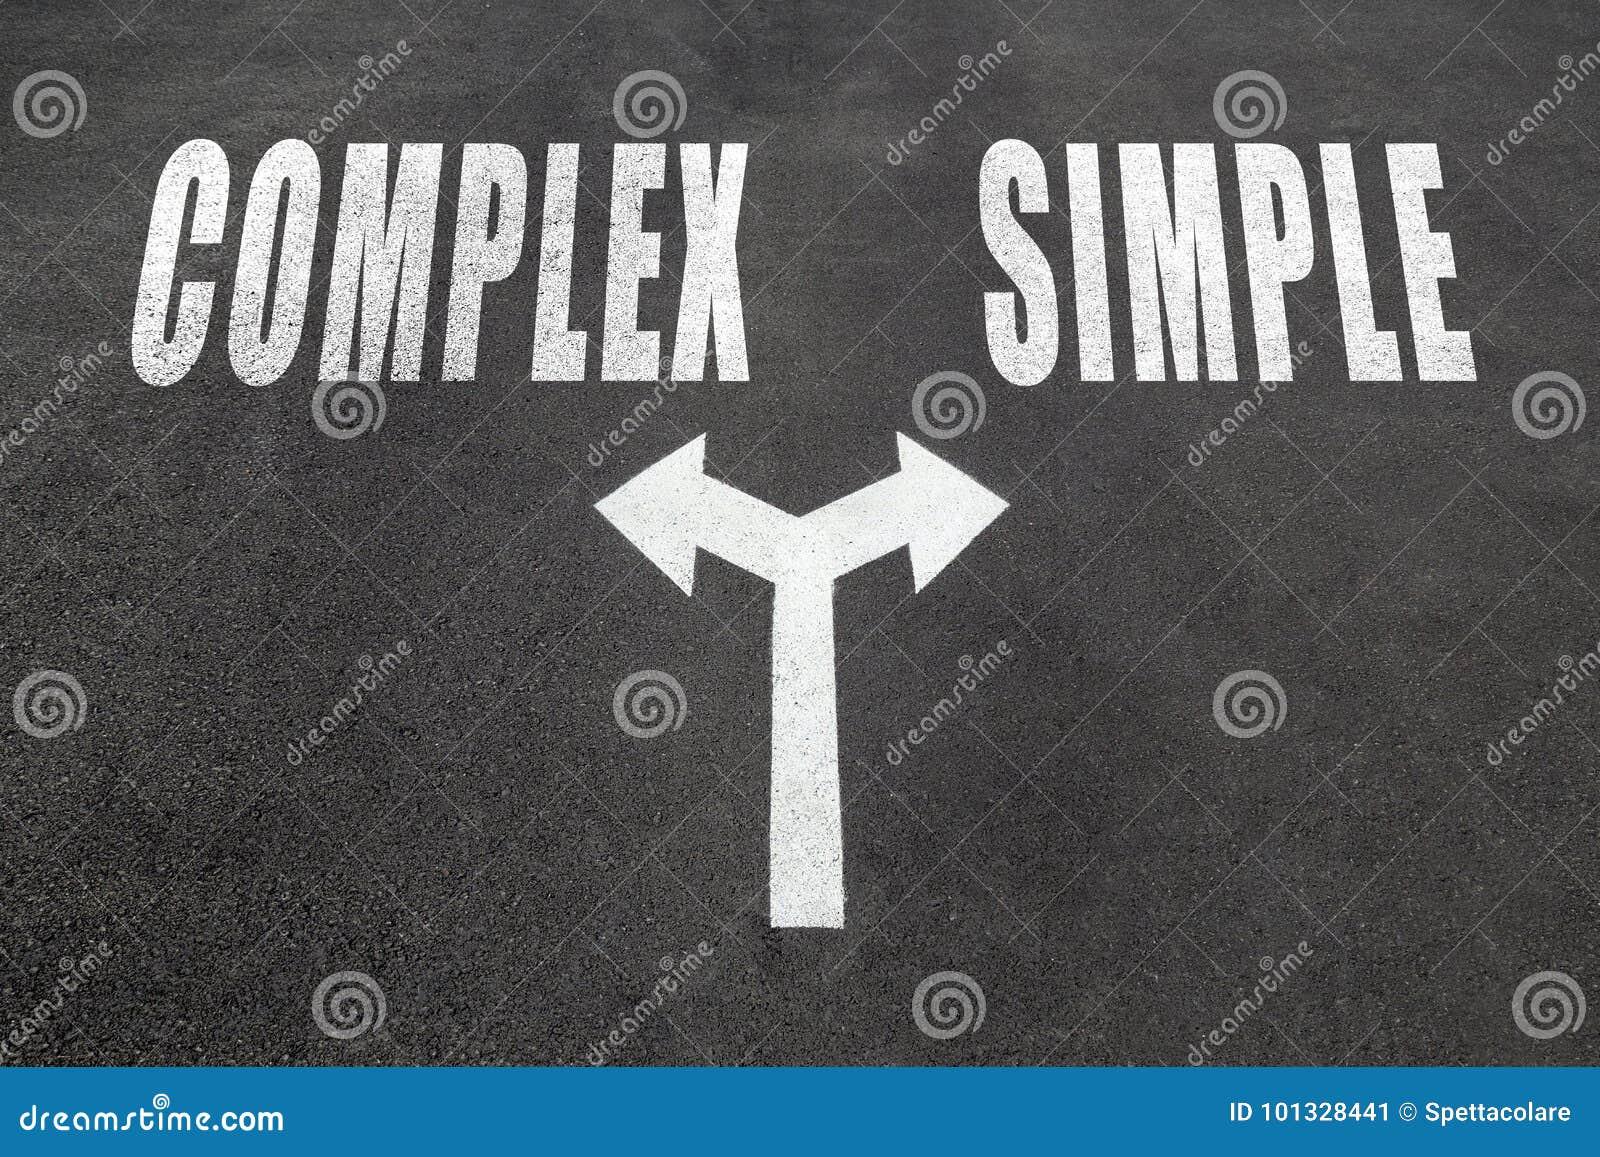 Complex vs simple choice concept